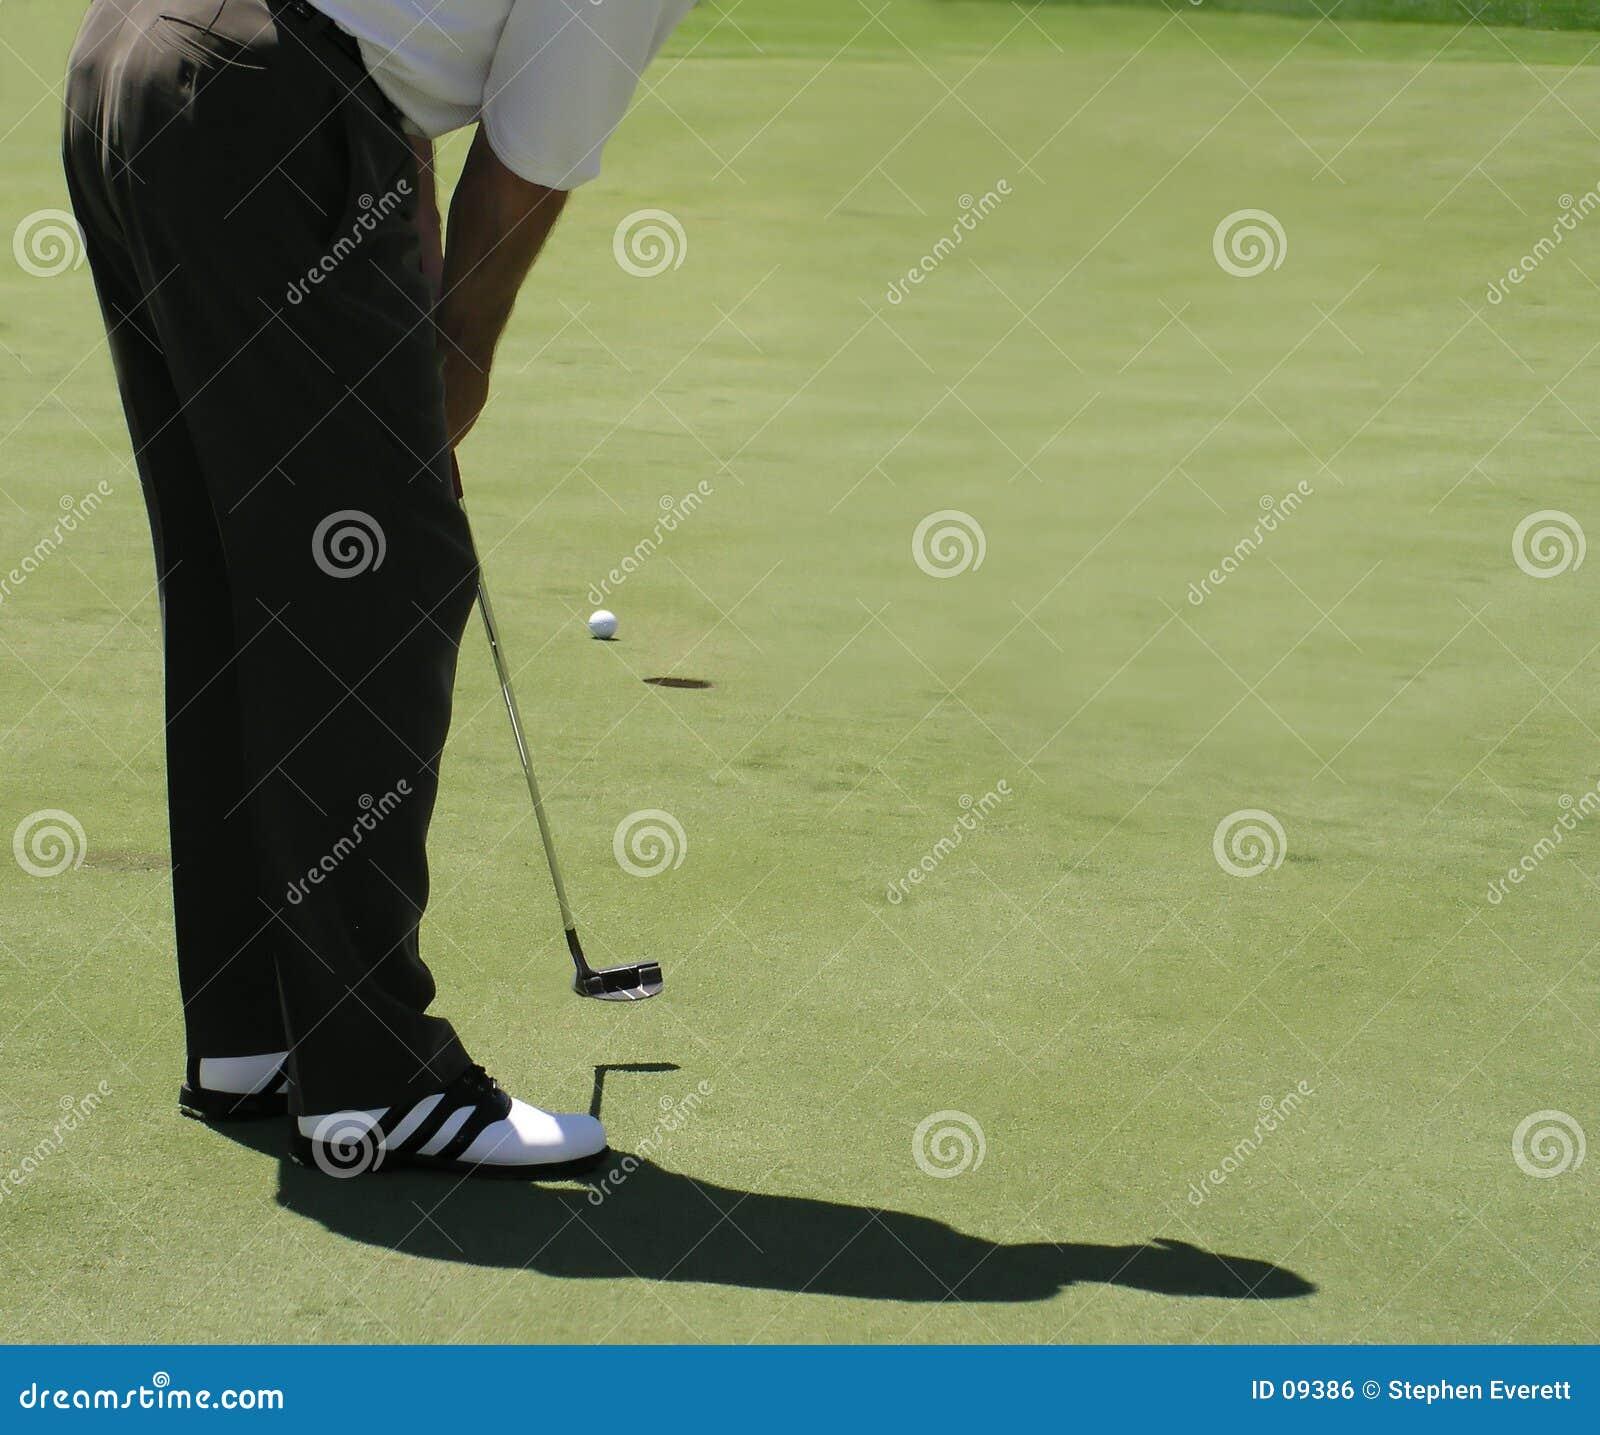 Golfputt